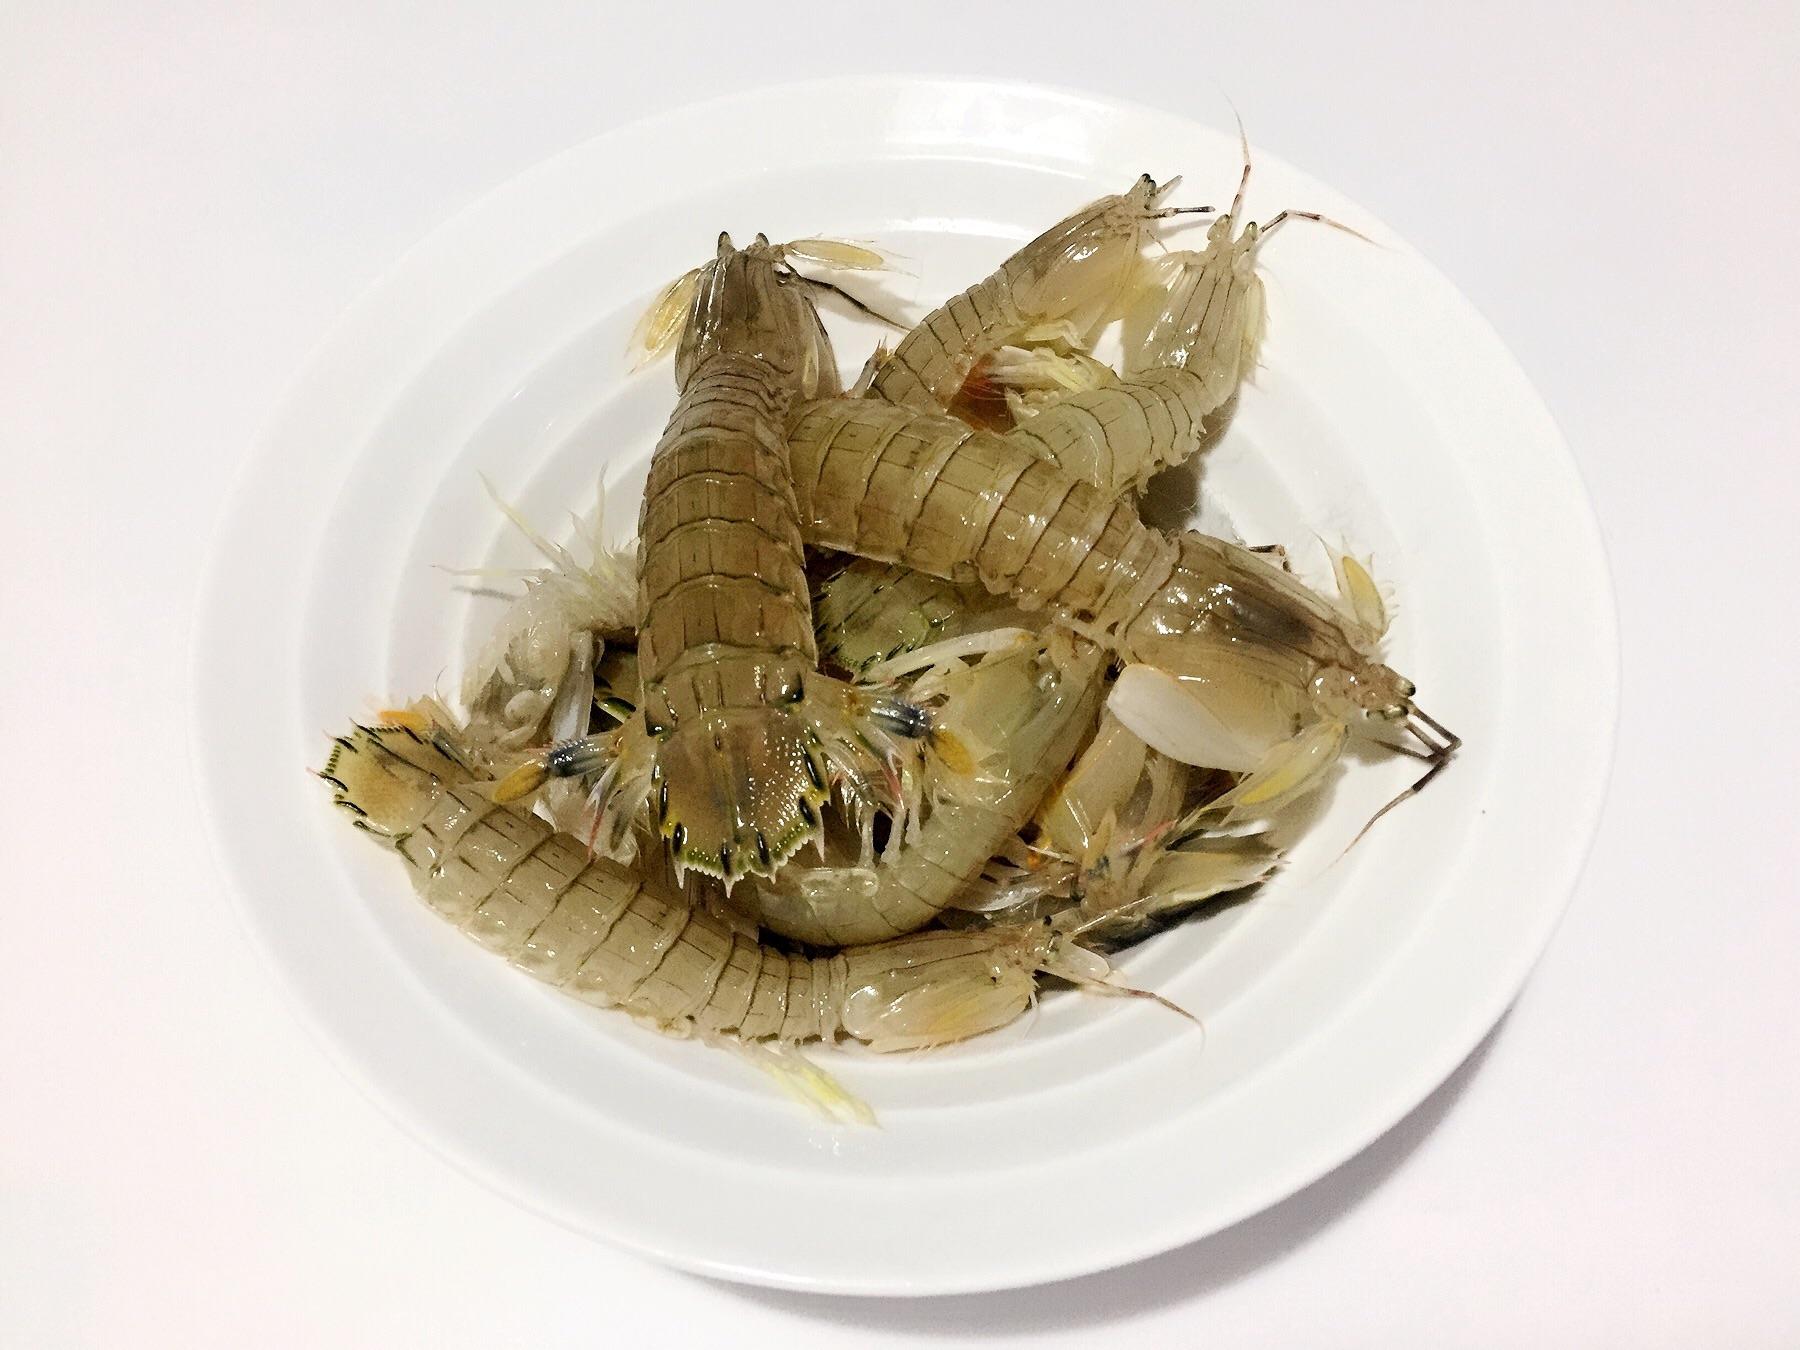 清蒸皮皮虾的做法步骤 1.